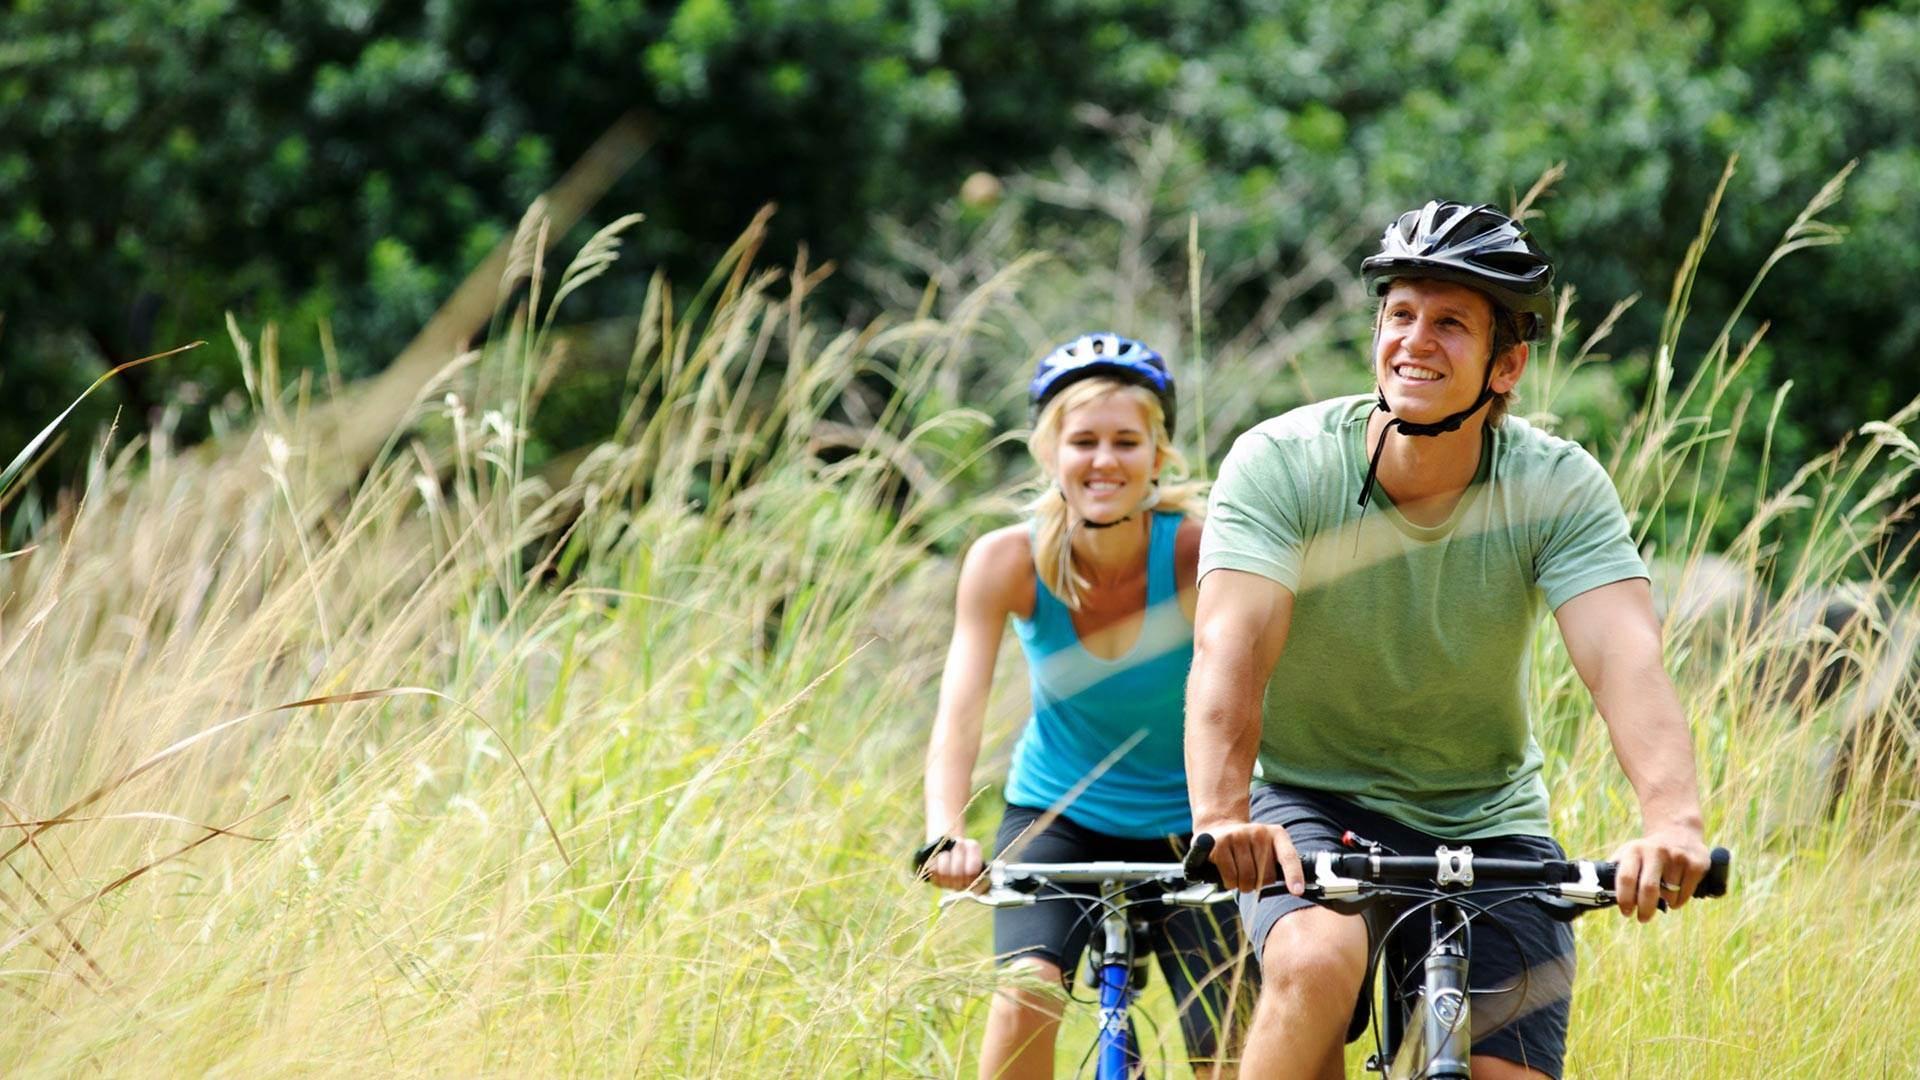 Pärchen beim Radfahren